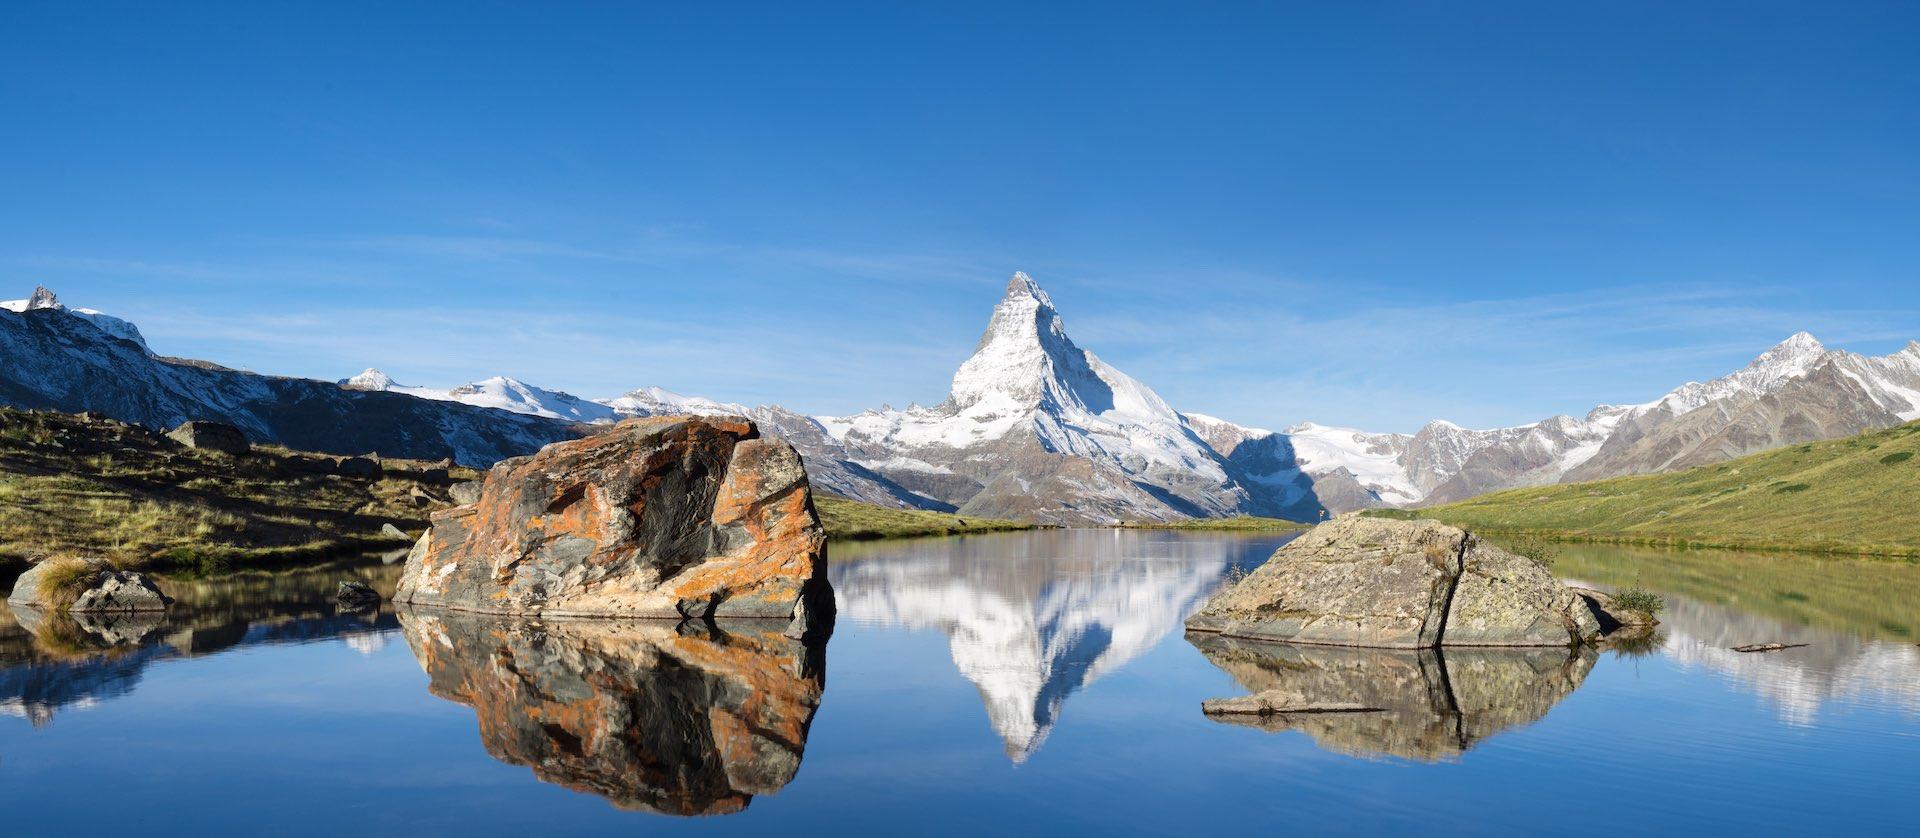 Schweizer Berge mit Matterhorn und Stellisee im Vordergrund representing Hacknowledge Company roots